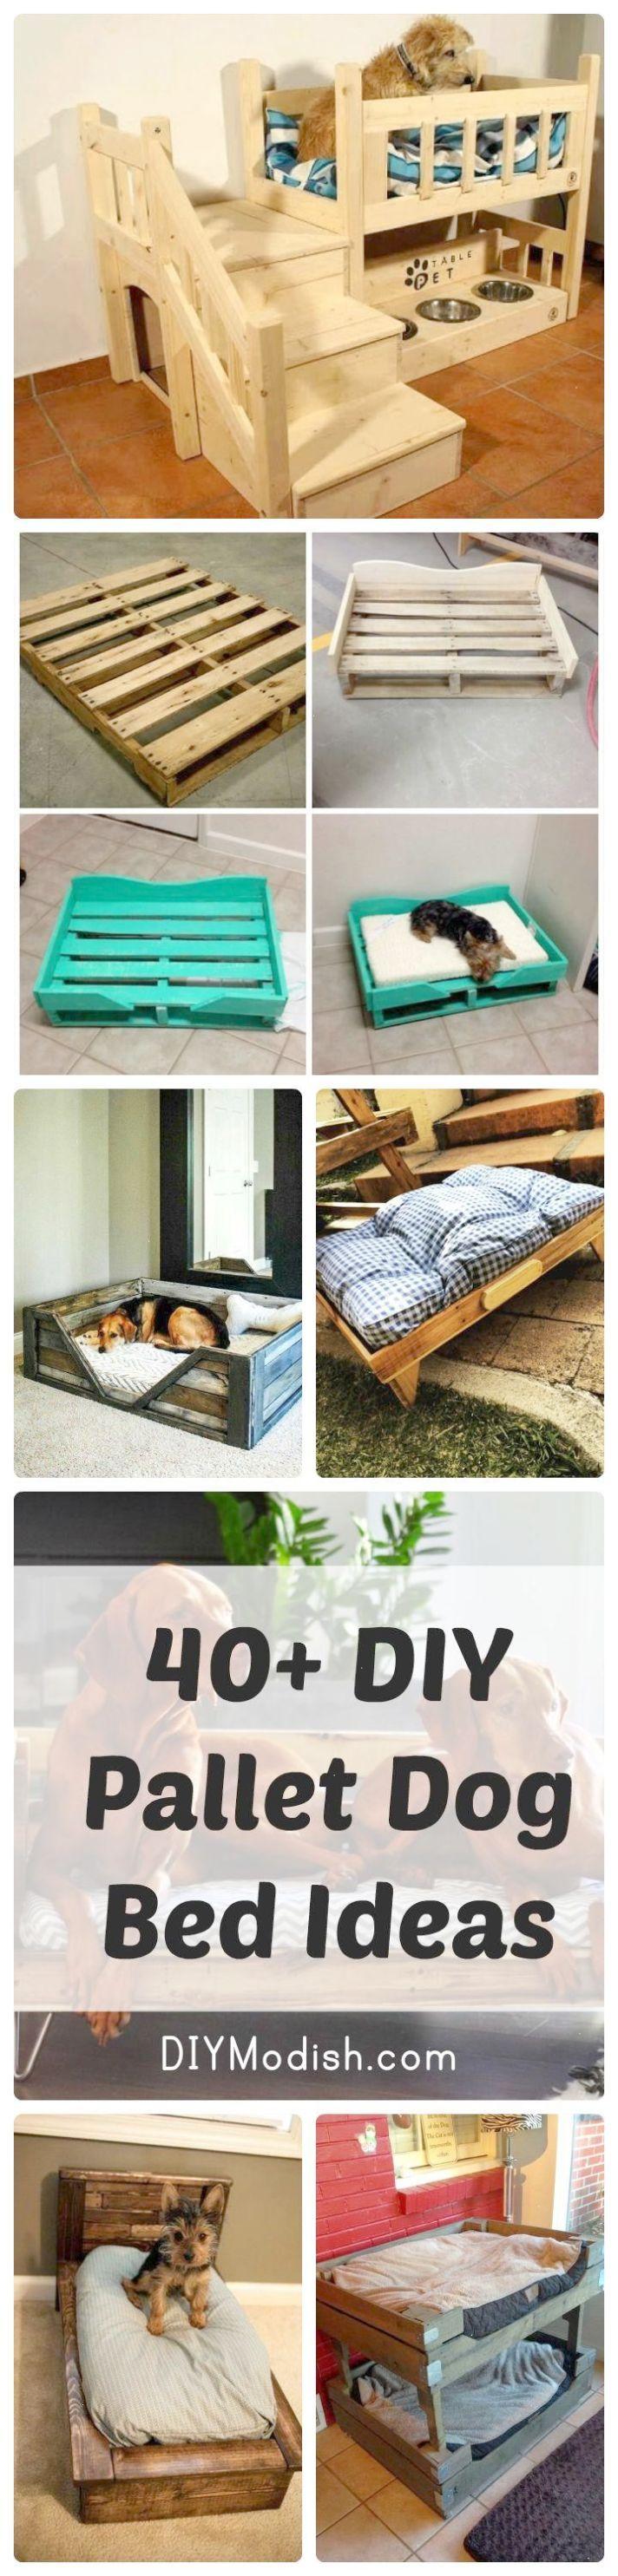 40 Diy Pallet Dog Bed Ideas  Old Door Panels